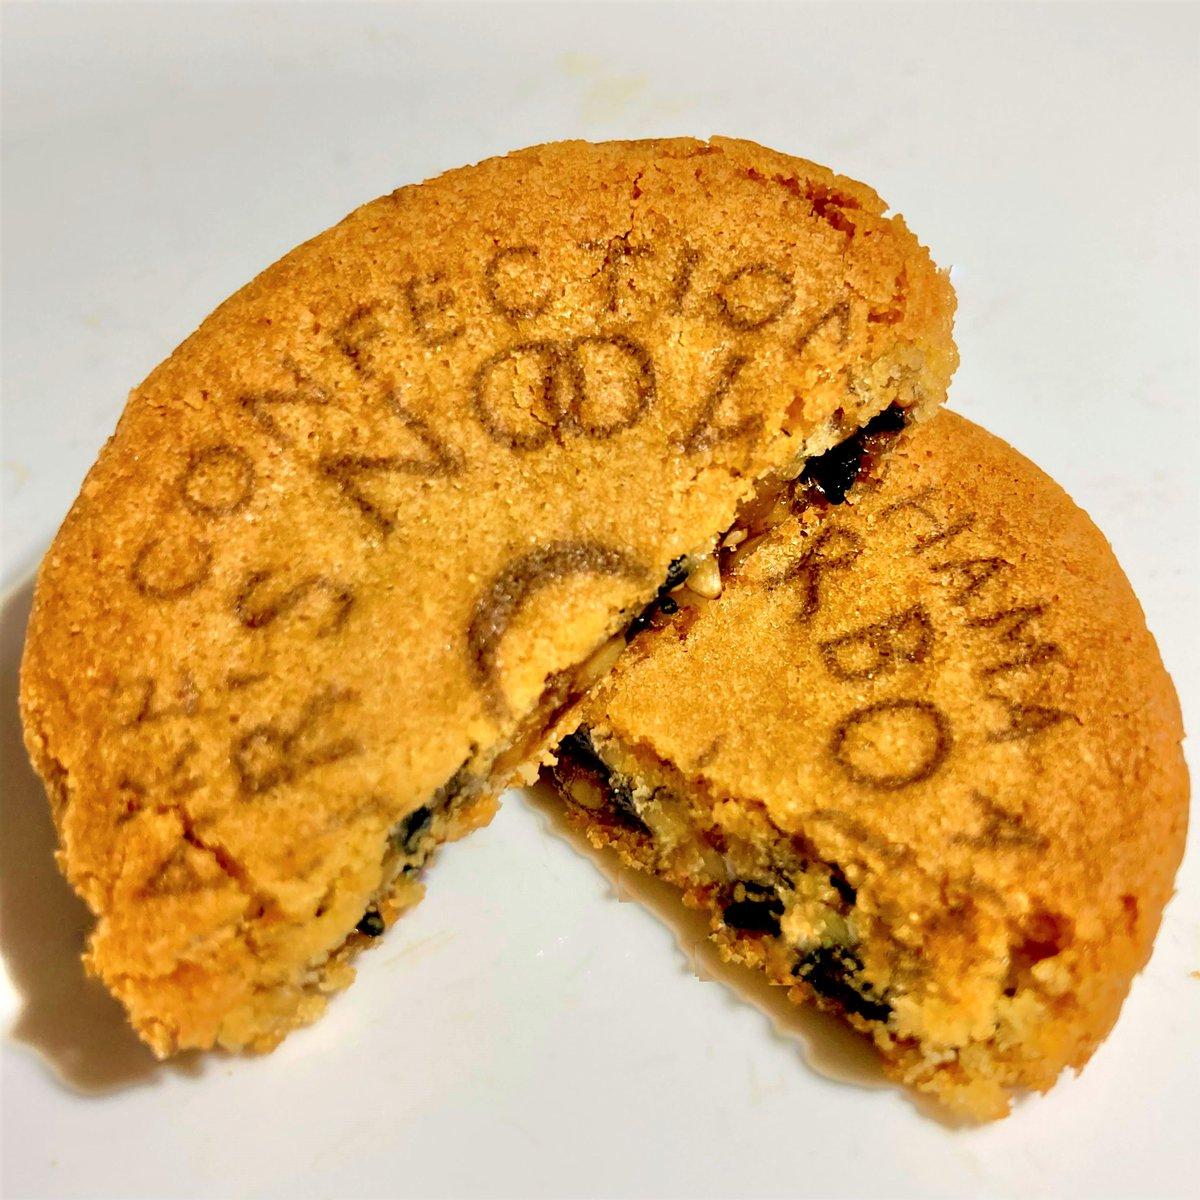 test ツイッターメディア - 大桟橋通り ありあけ本館のハーバーズムーンガレットです。 私の最も好きなお菓子の一つです。 Instagramに投稿しました。 ↓ @ki_ku_pyonのInstagram投稿をチェック https://t.co/gGp2eot8mT   #ありあけ本館  #ハーバー  #ハーバーズムーンガレット https://t.co/gMdoQQOO5s https://t.co/Amu7KiXKMz